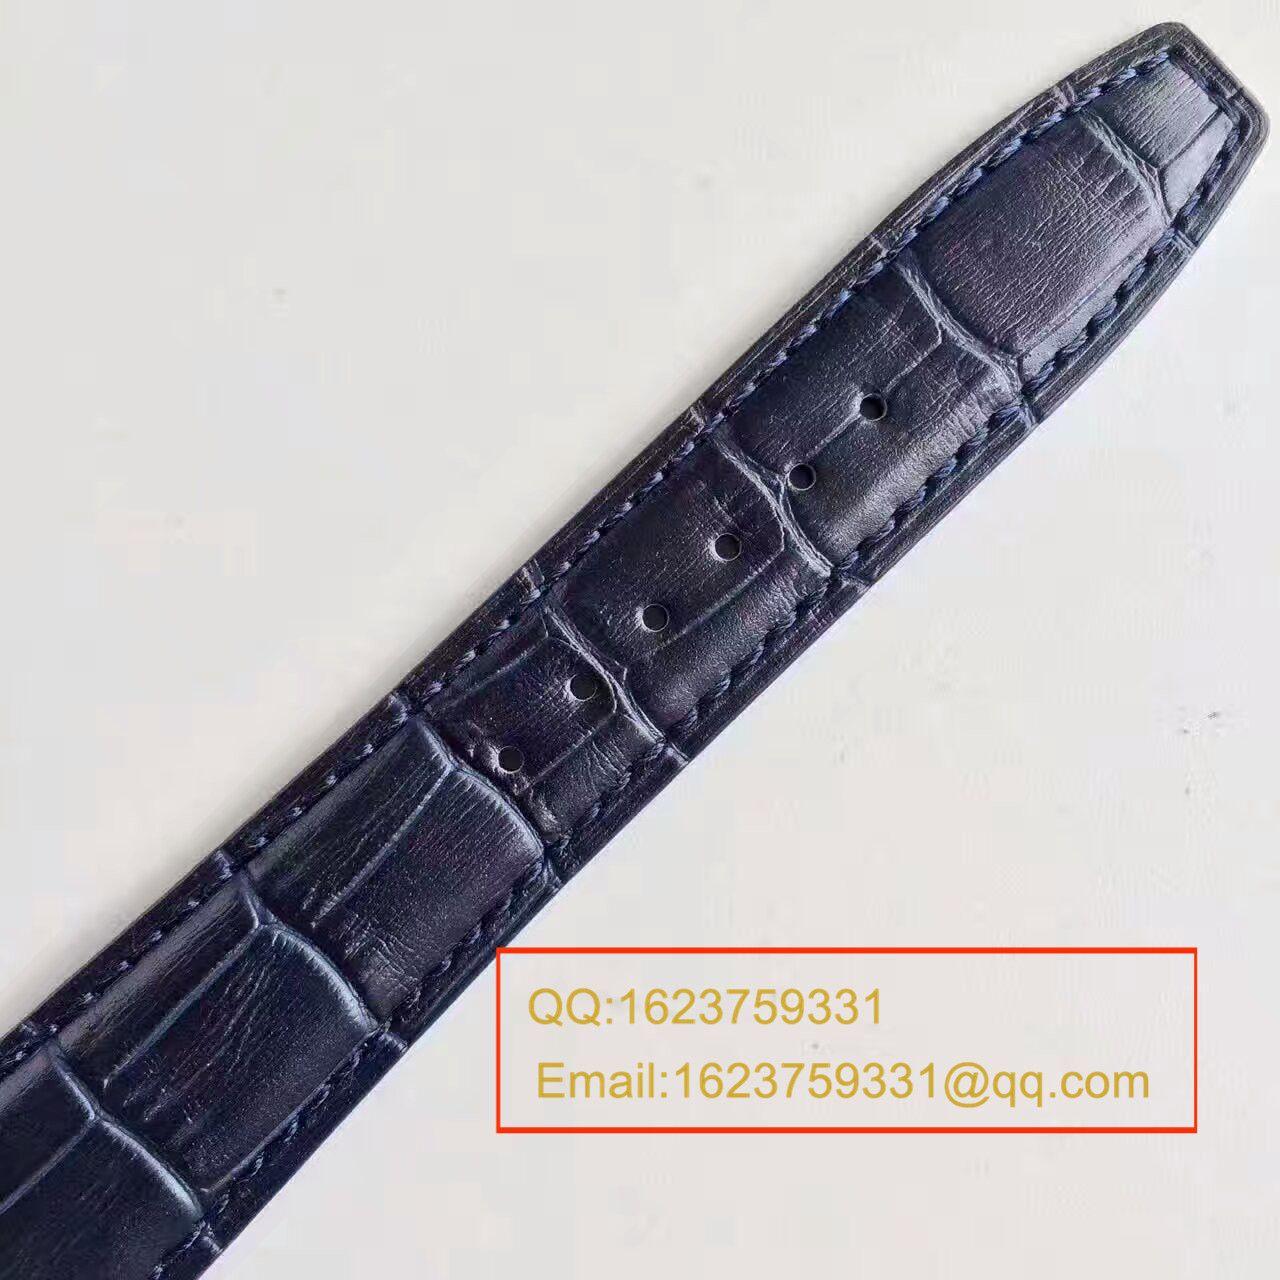 【ZF厂一比一精仿手表】万国葡萄牙劳伦斯限量版系列《万国七日链》IW500112腕表 / WG224